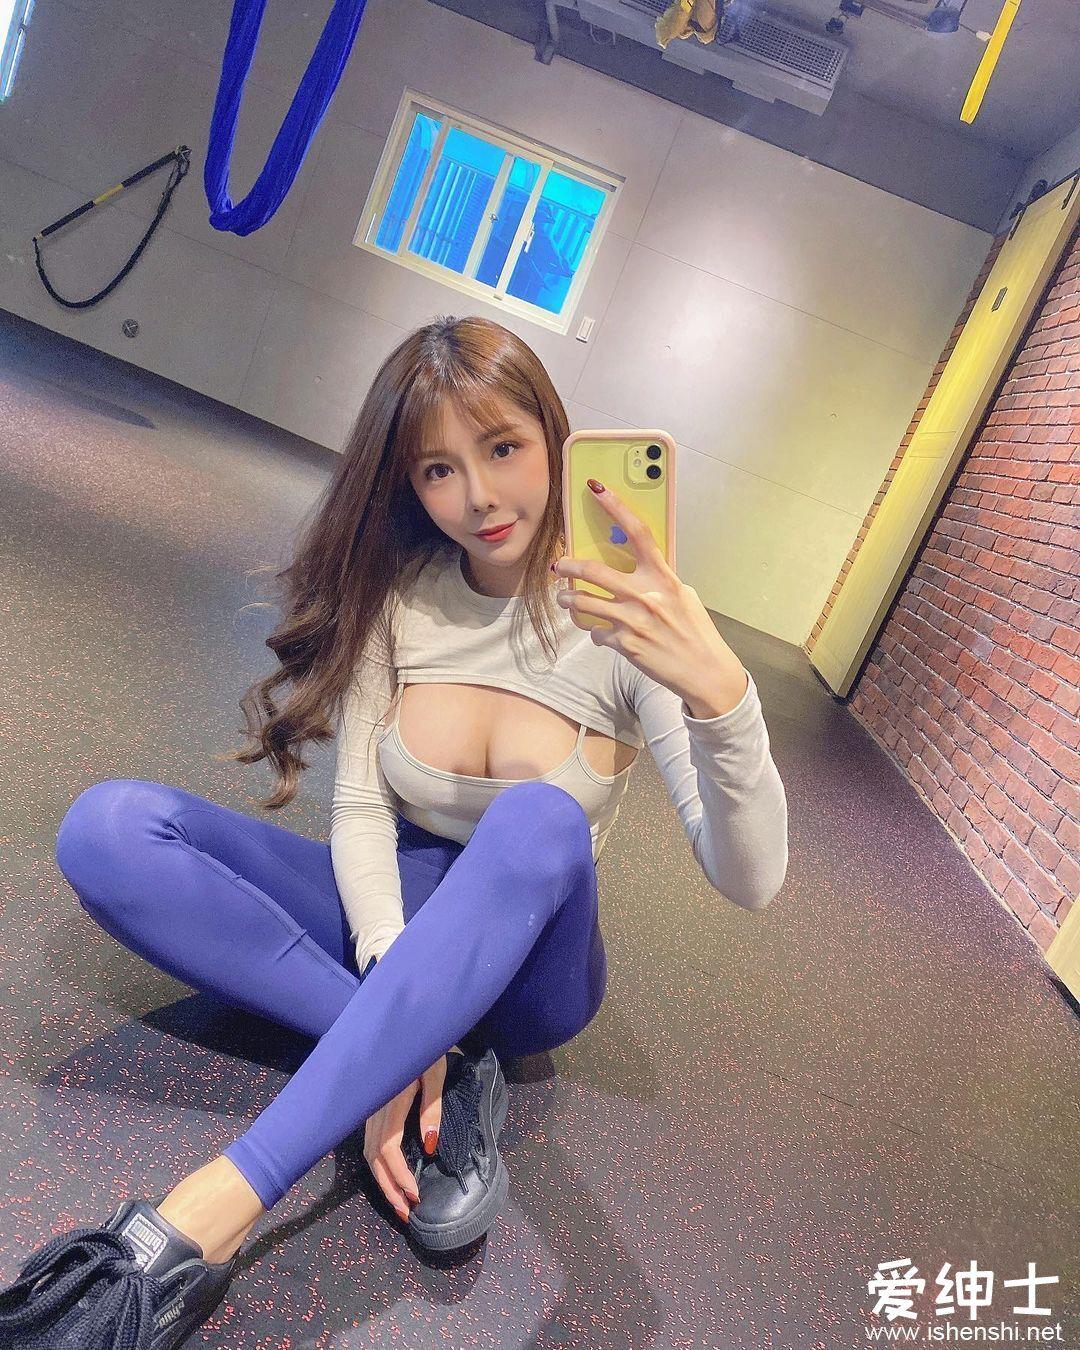 台湾美女主持人「晴天Sunny」空中瑜珈秀曲线身材,性感泳装大长腿十足的天然美女!